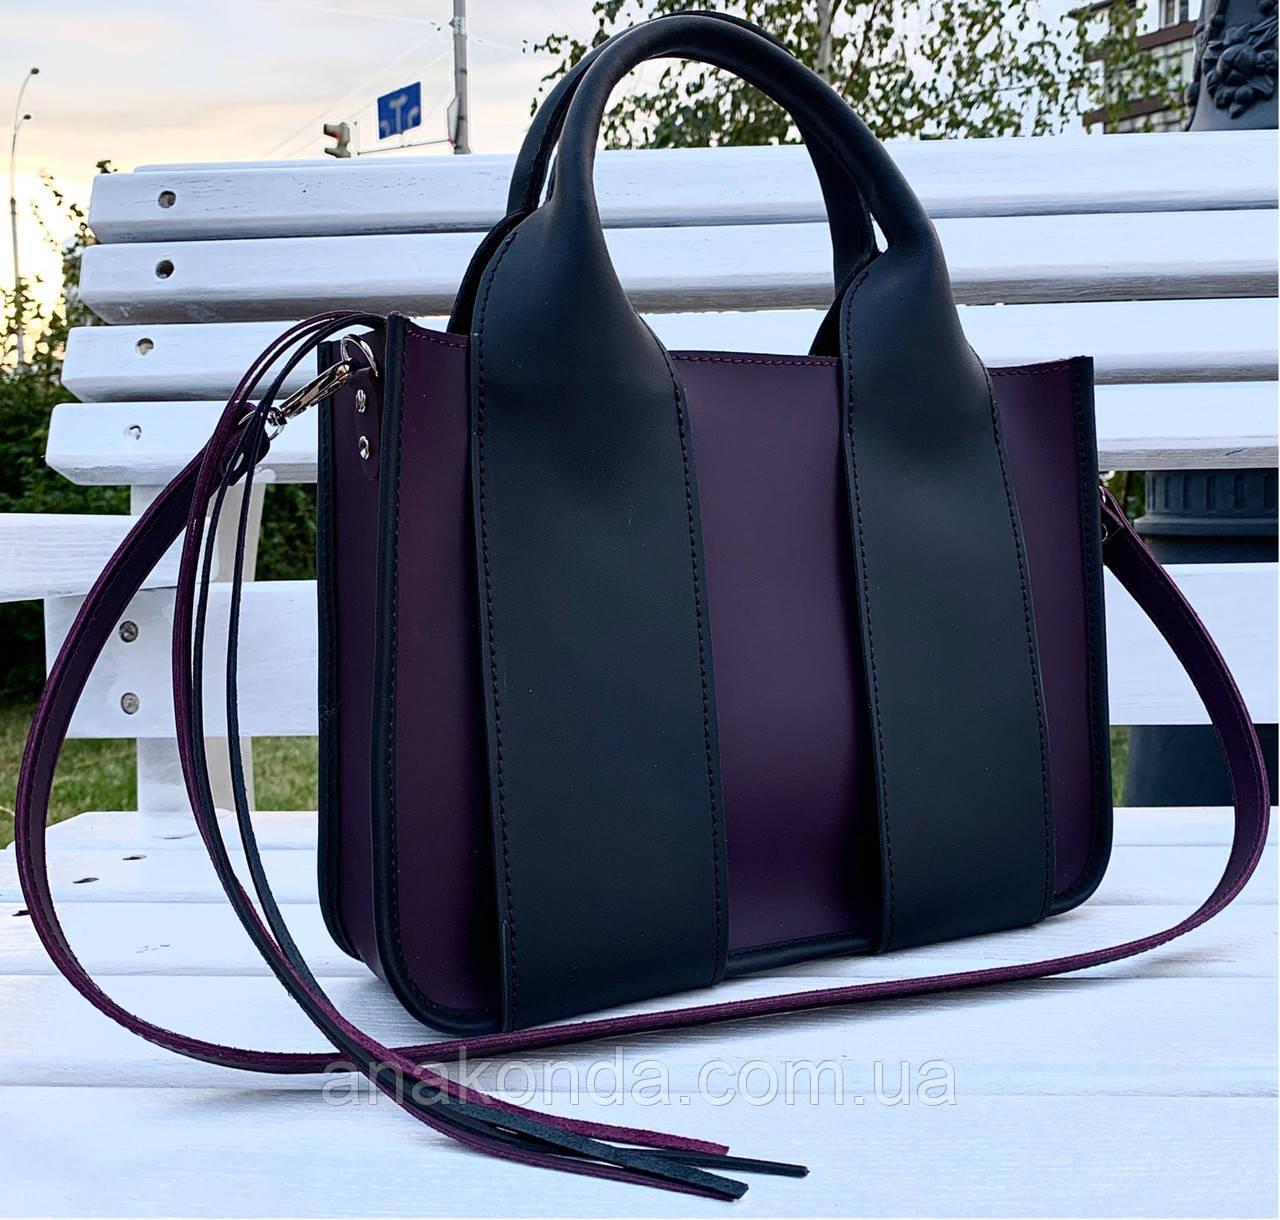 686-XL Натуральная кожа Сумка женская фиолетовая кожаная черная А4 женская сумка из натуральной кожи баклажан